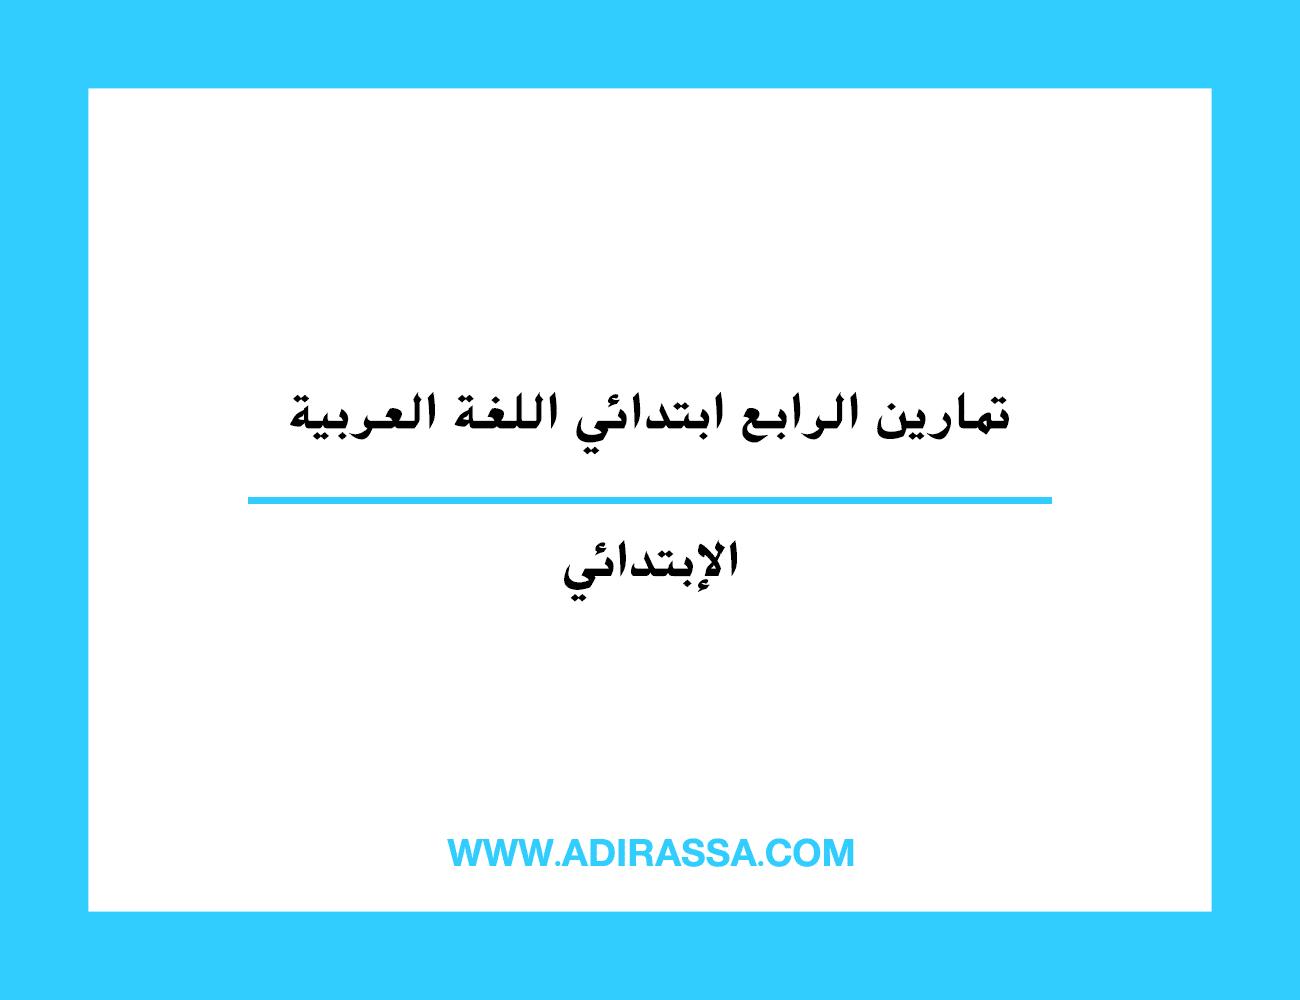 تمارين الرابع ابتدائي اللغة العربية